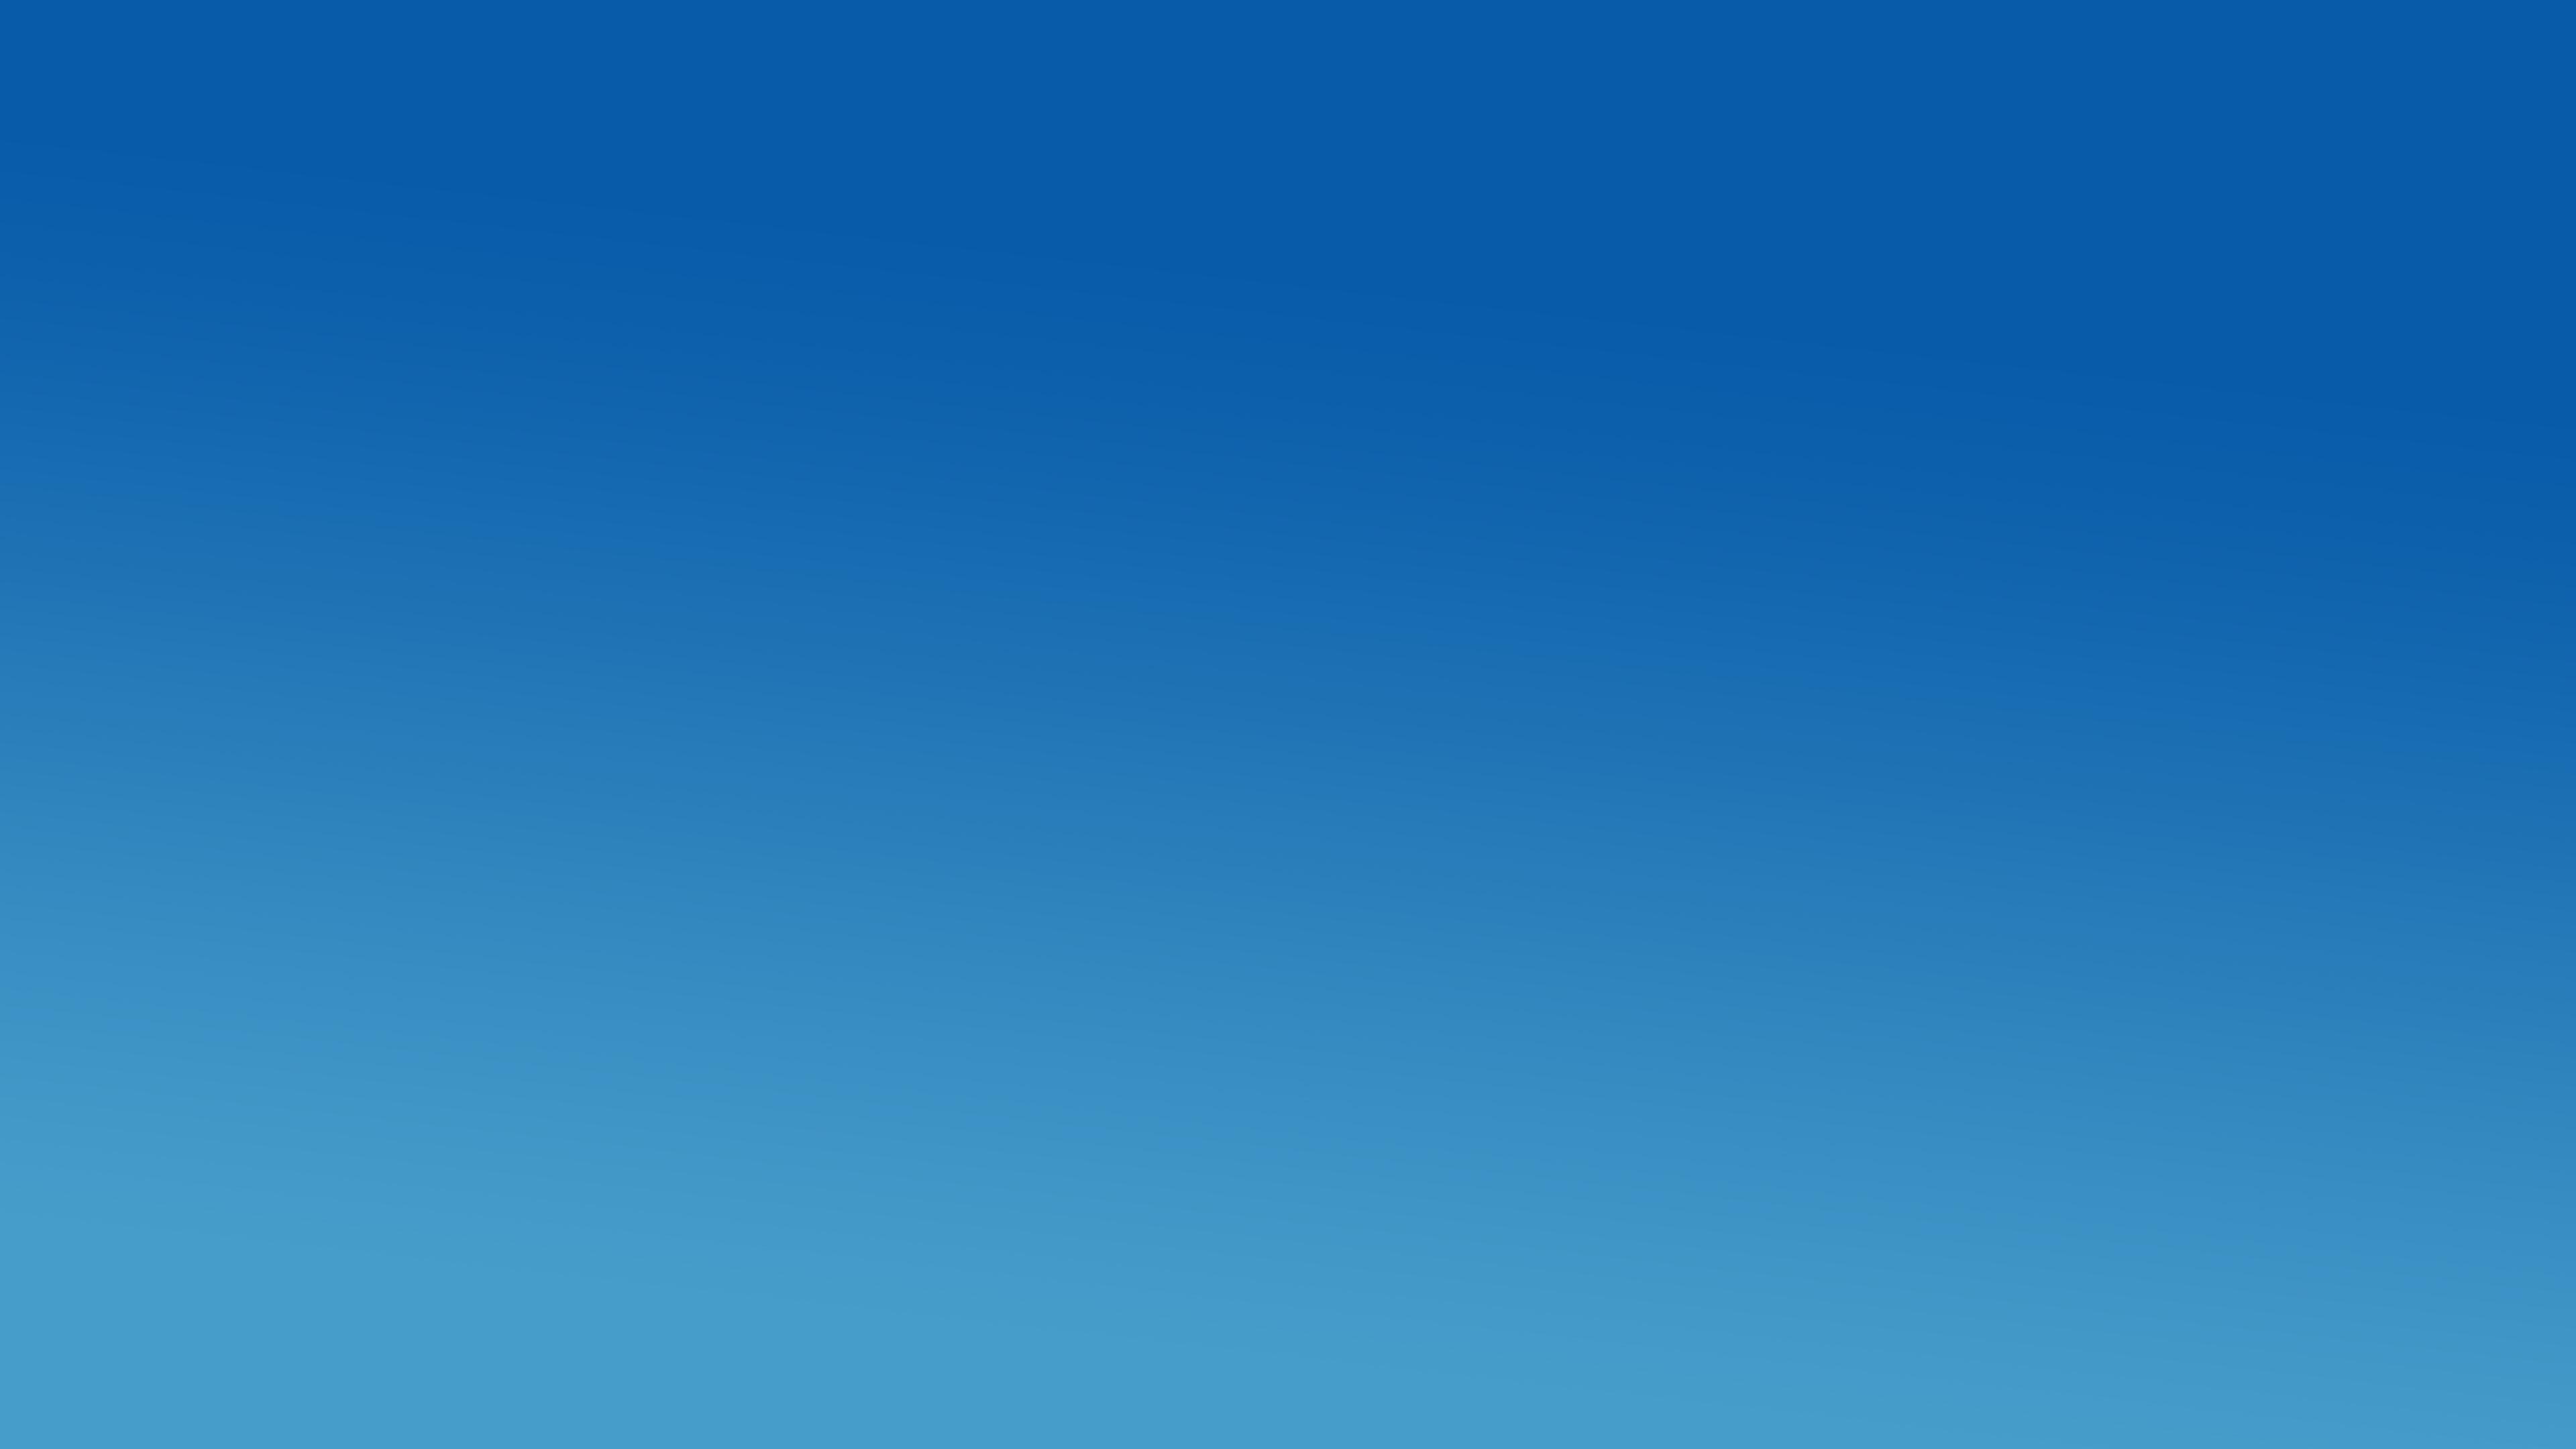 1080x1920 Gradient Soft Solid Color 4k Iphone 7 6s 6 Plus Pixel